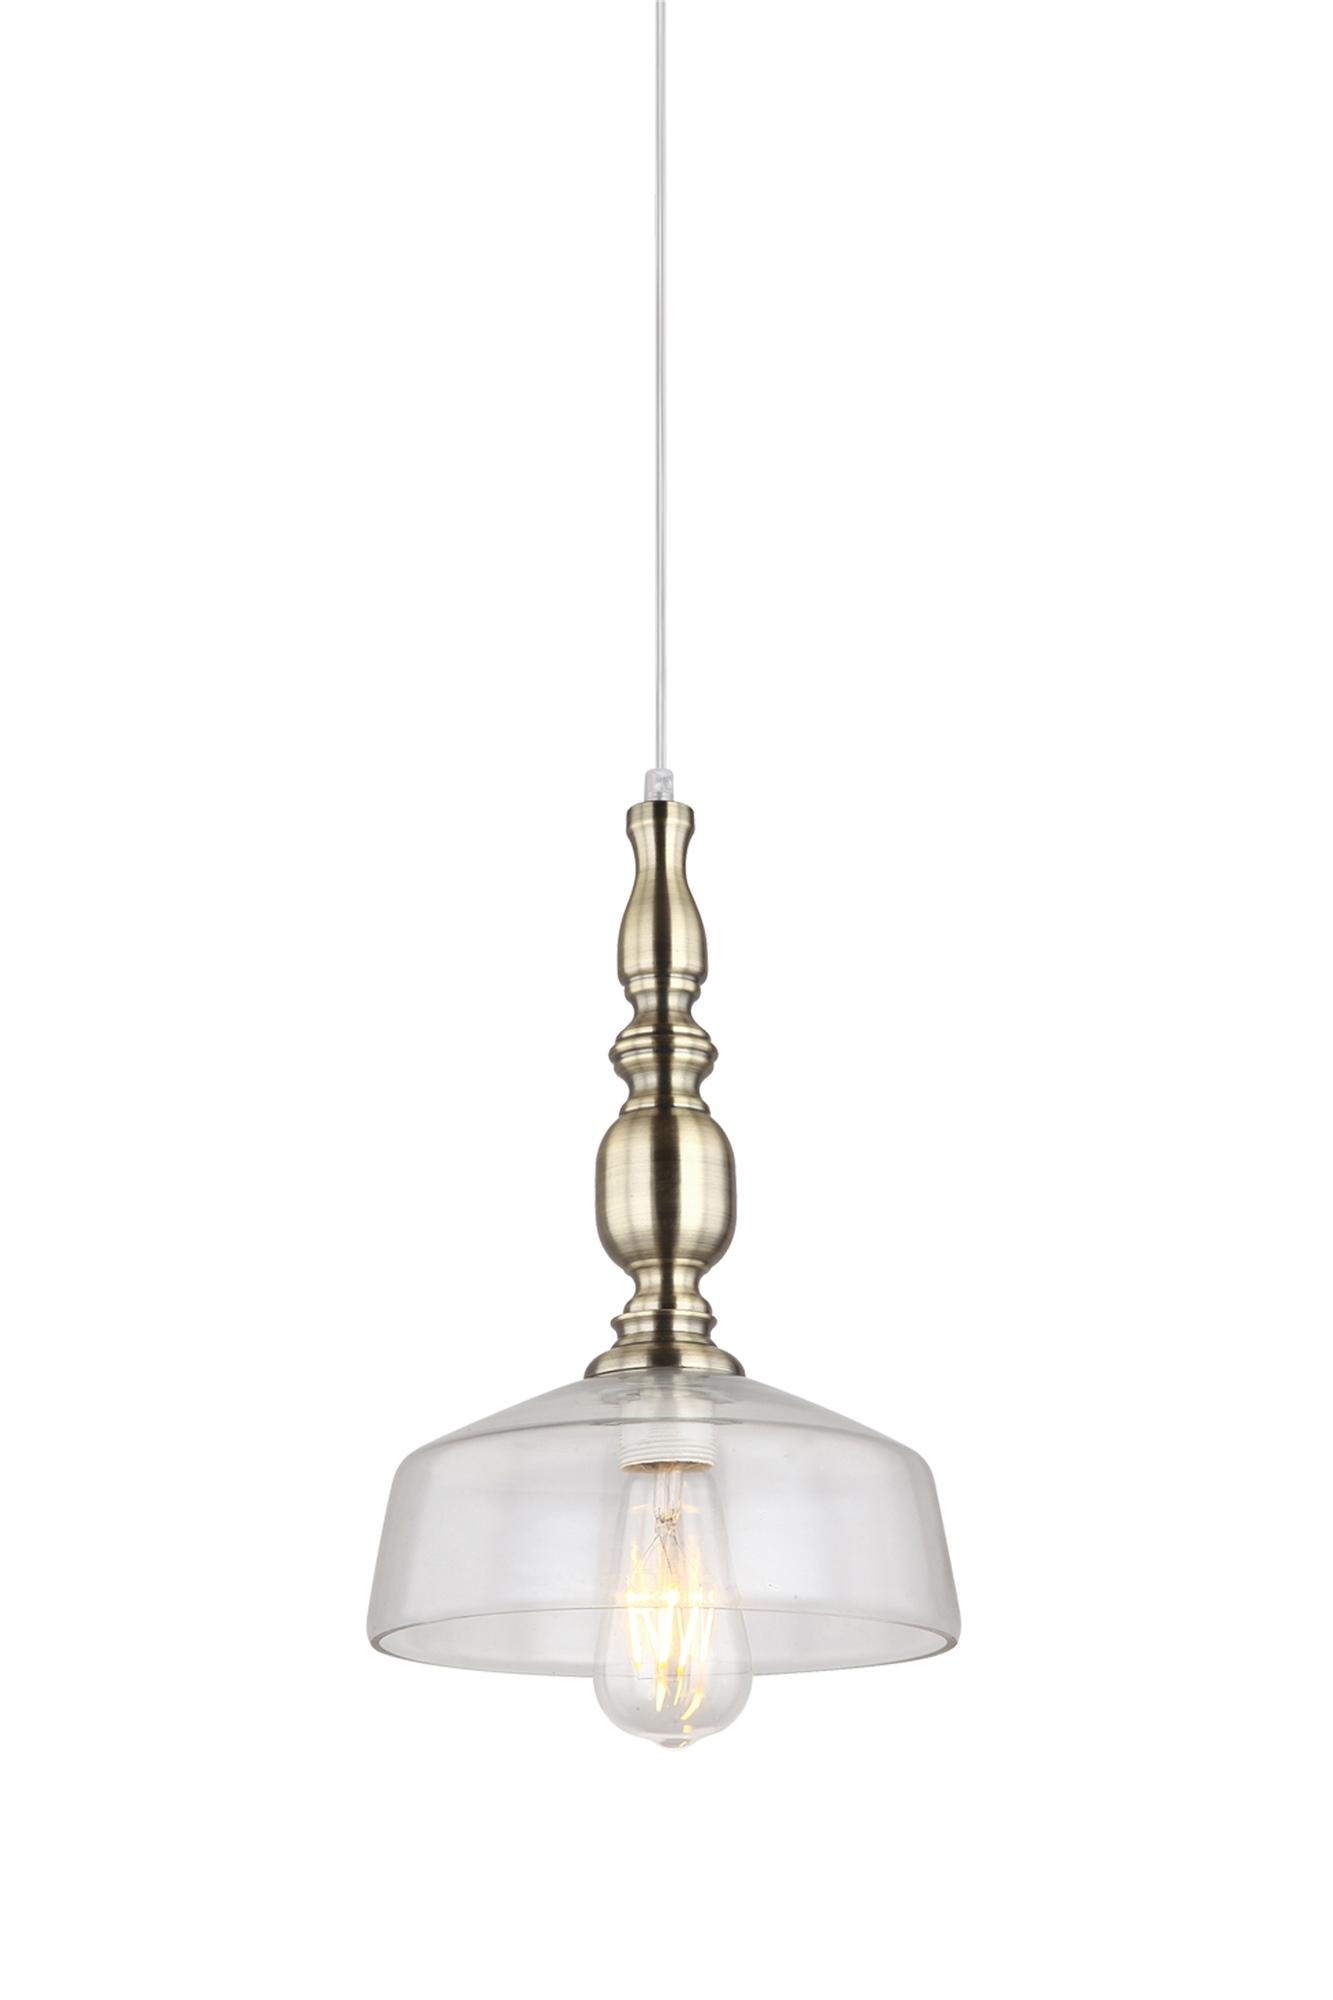 Lampenlux Pendelleuchte Mavis Vintage Hängelampe 40W Glasschirm